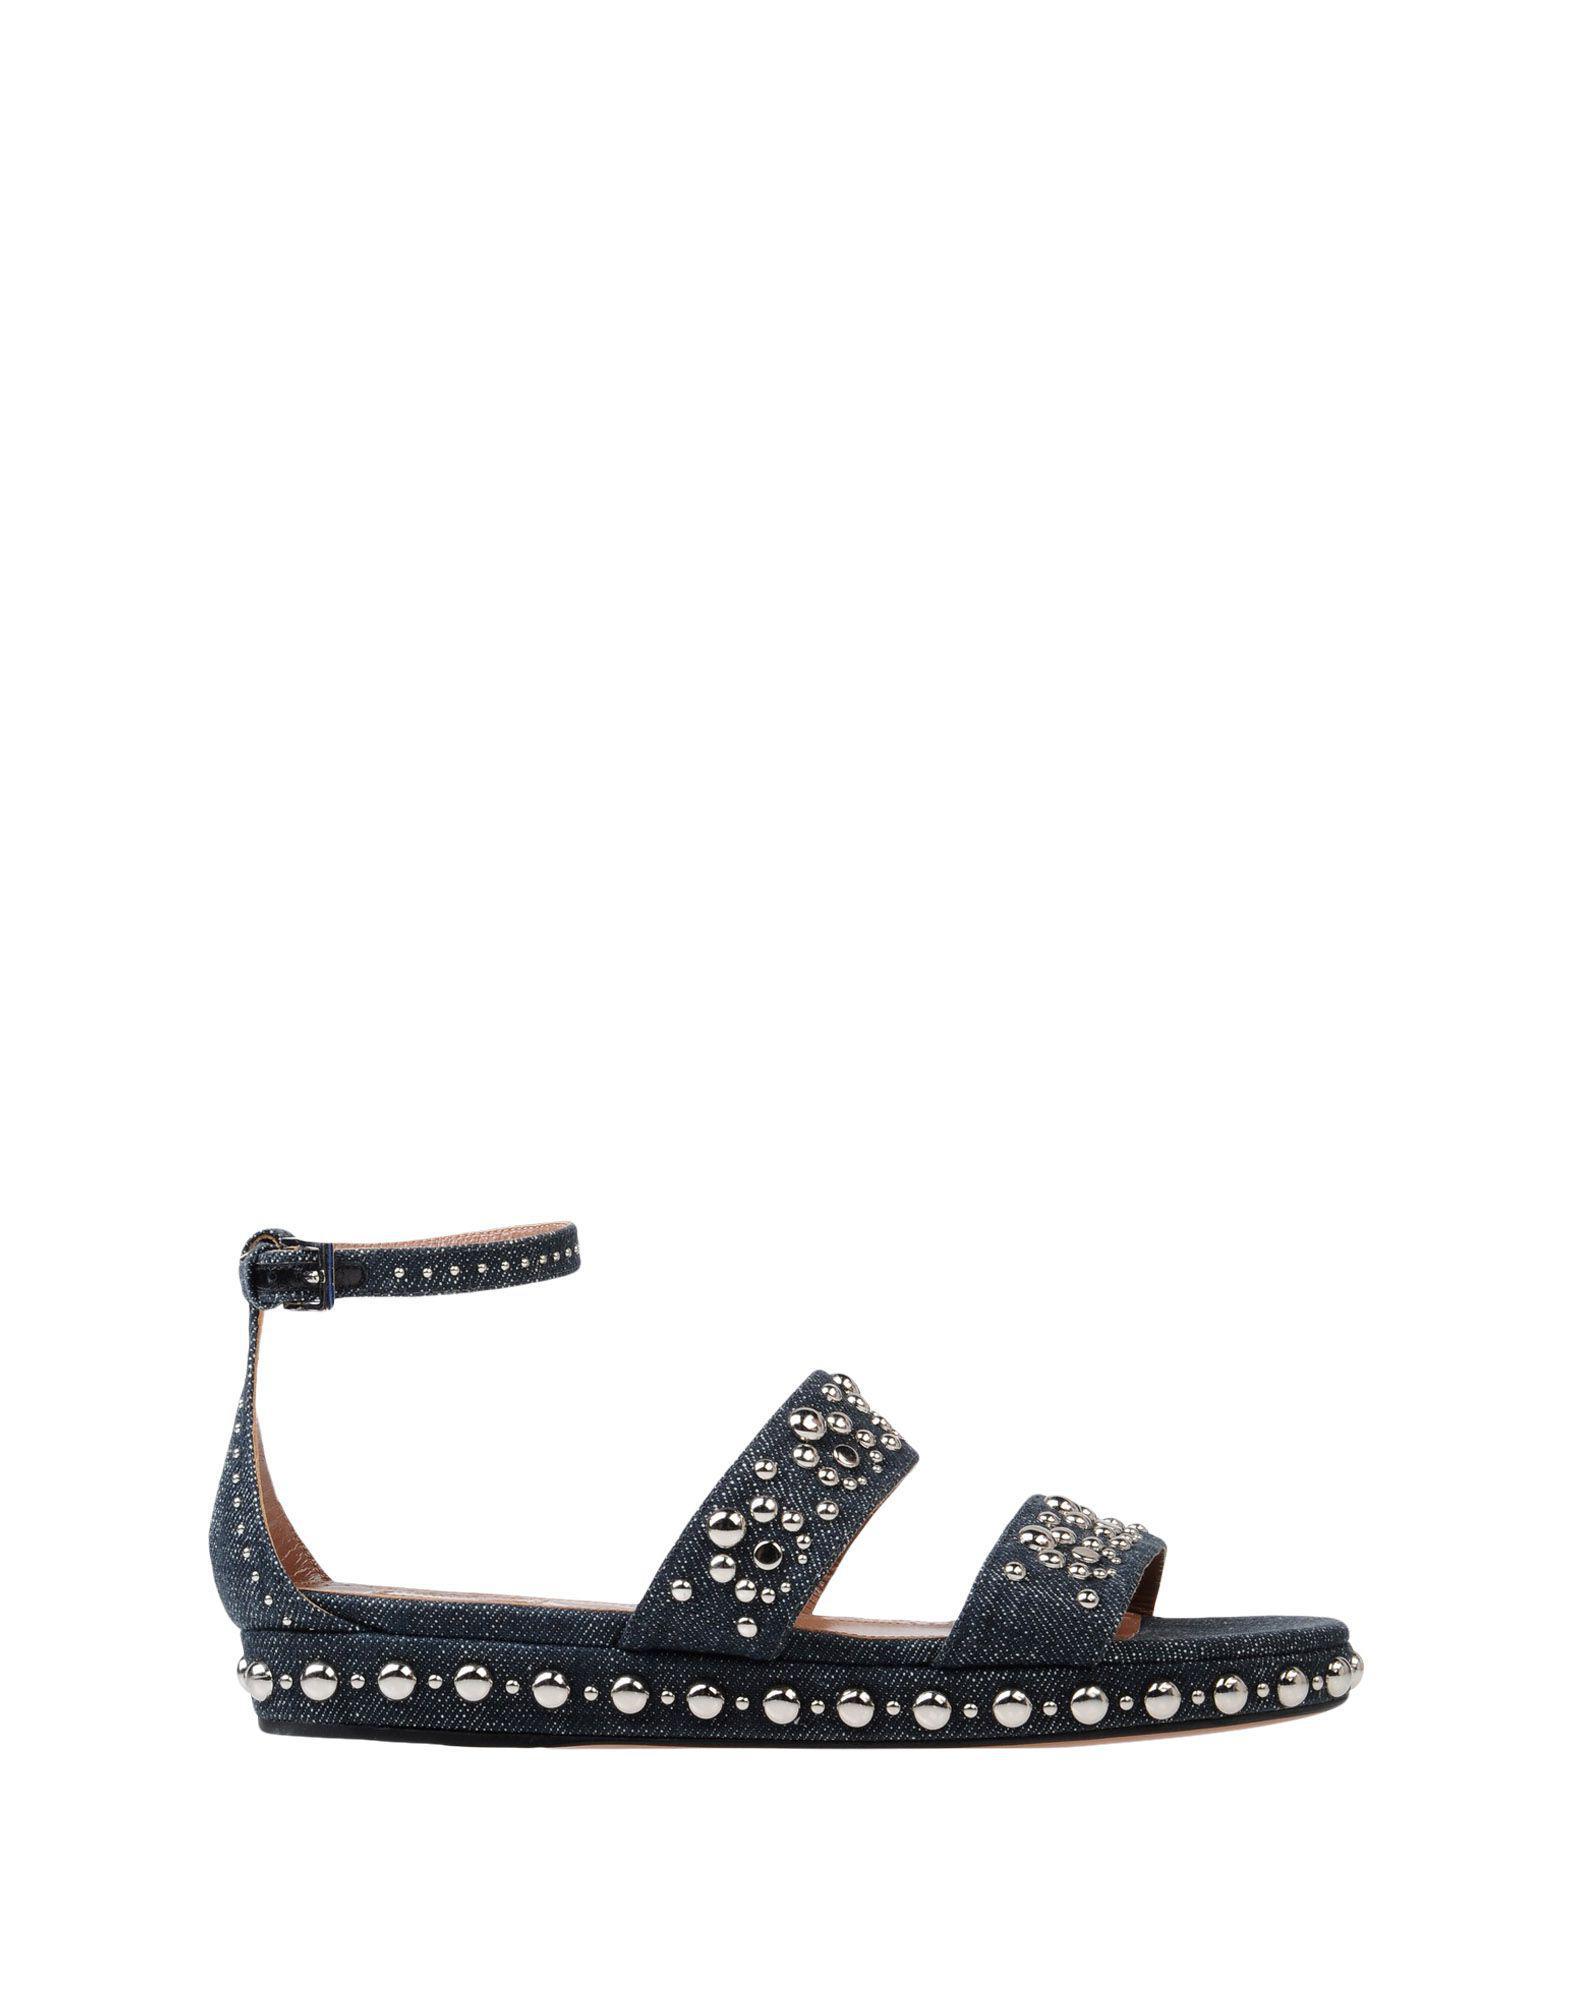 2f577848d3b6c Alaïa Sandals in Black - Lyst